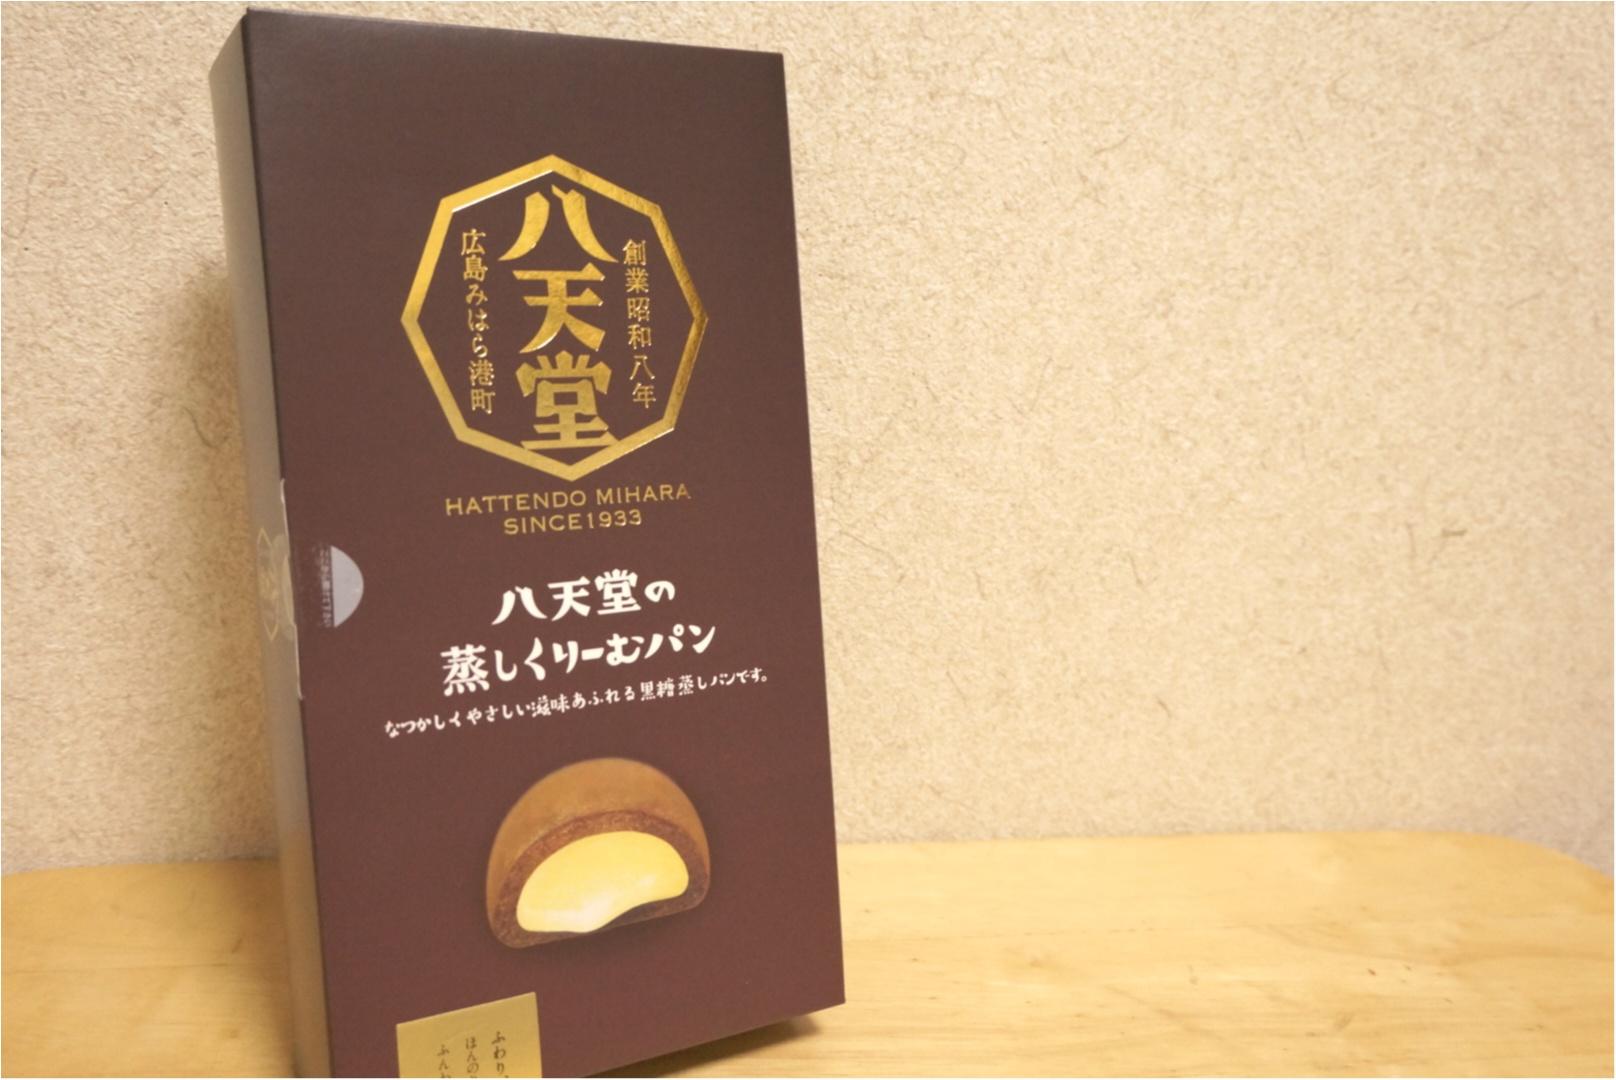 あの八天堂から新発売‼️黒糖を使用した【蒸しくりーむパン】がふわふわで美味い( ´艸`)♡_1